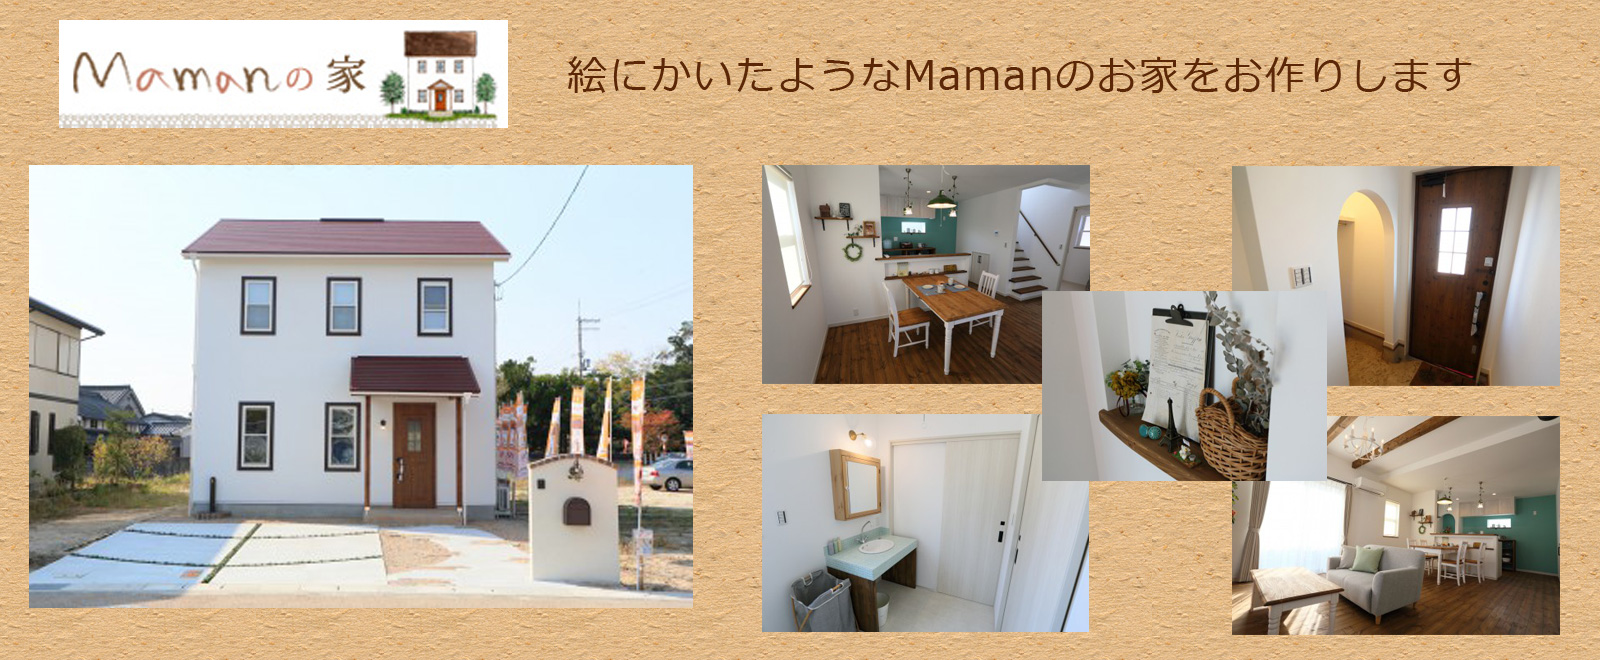 Mamanの家の施工をしています。